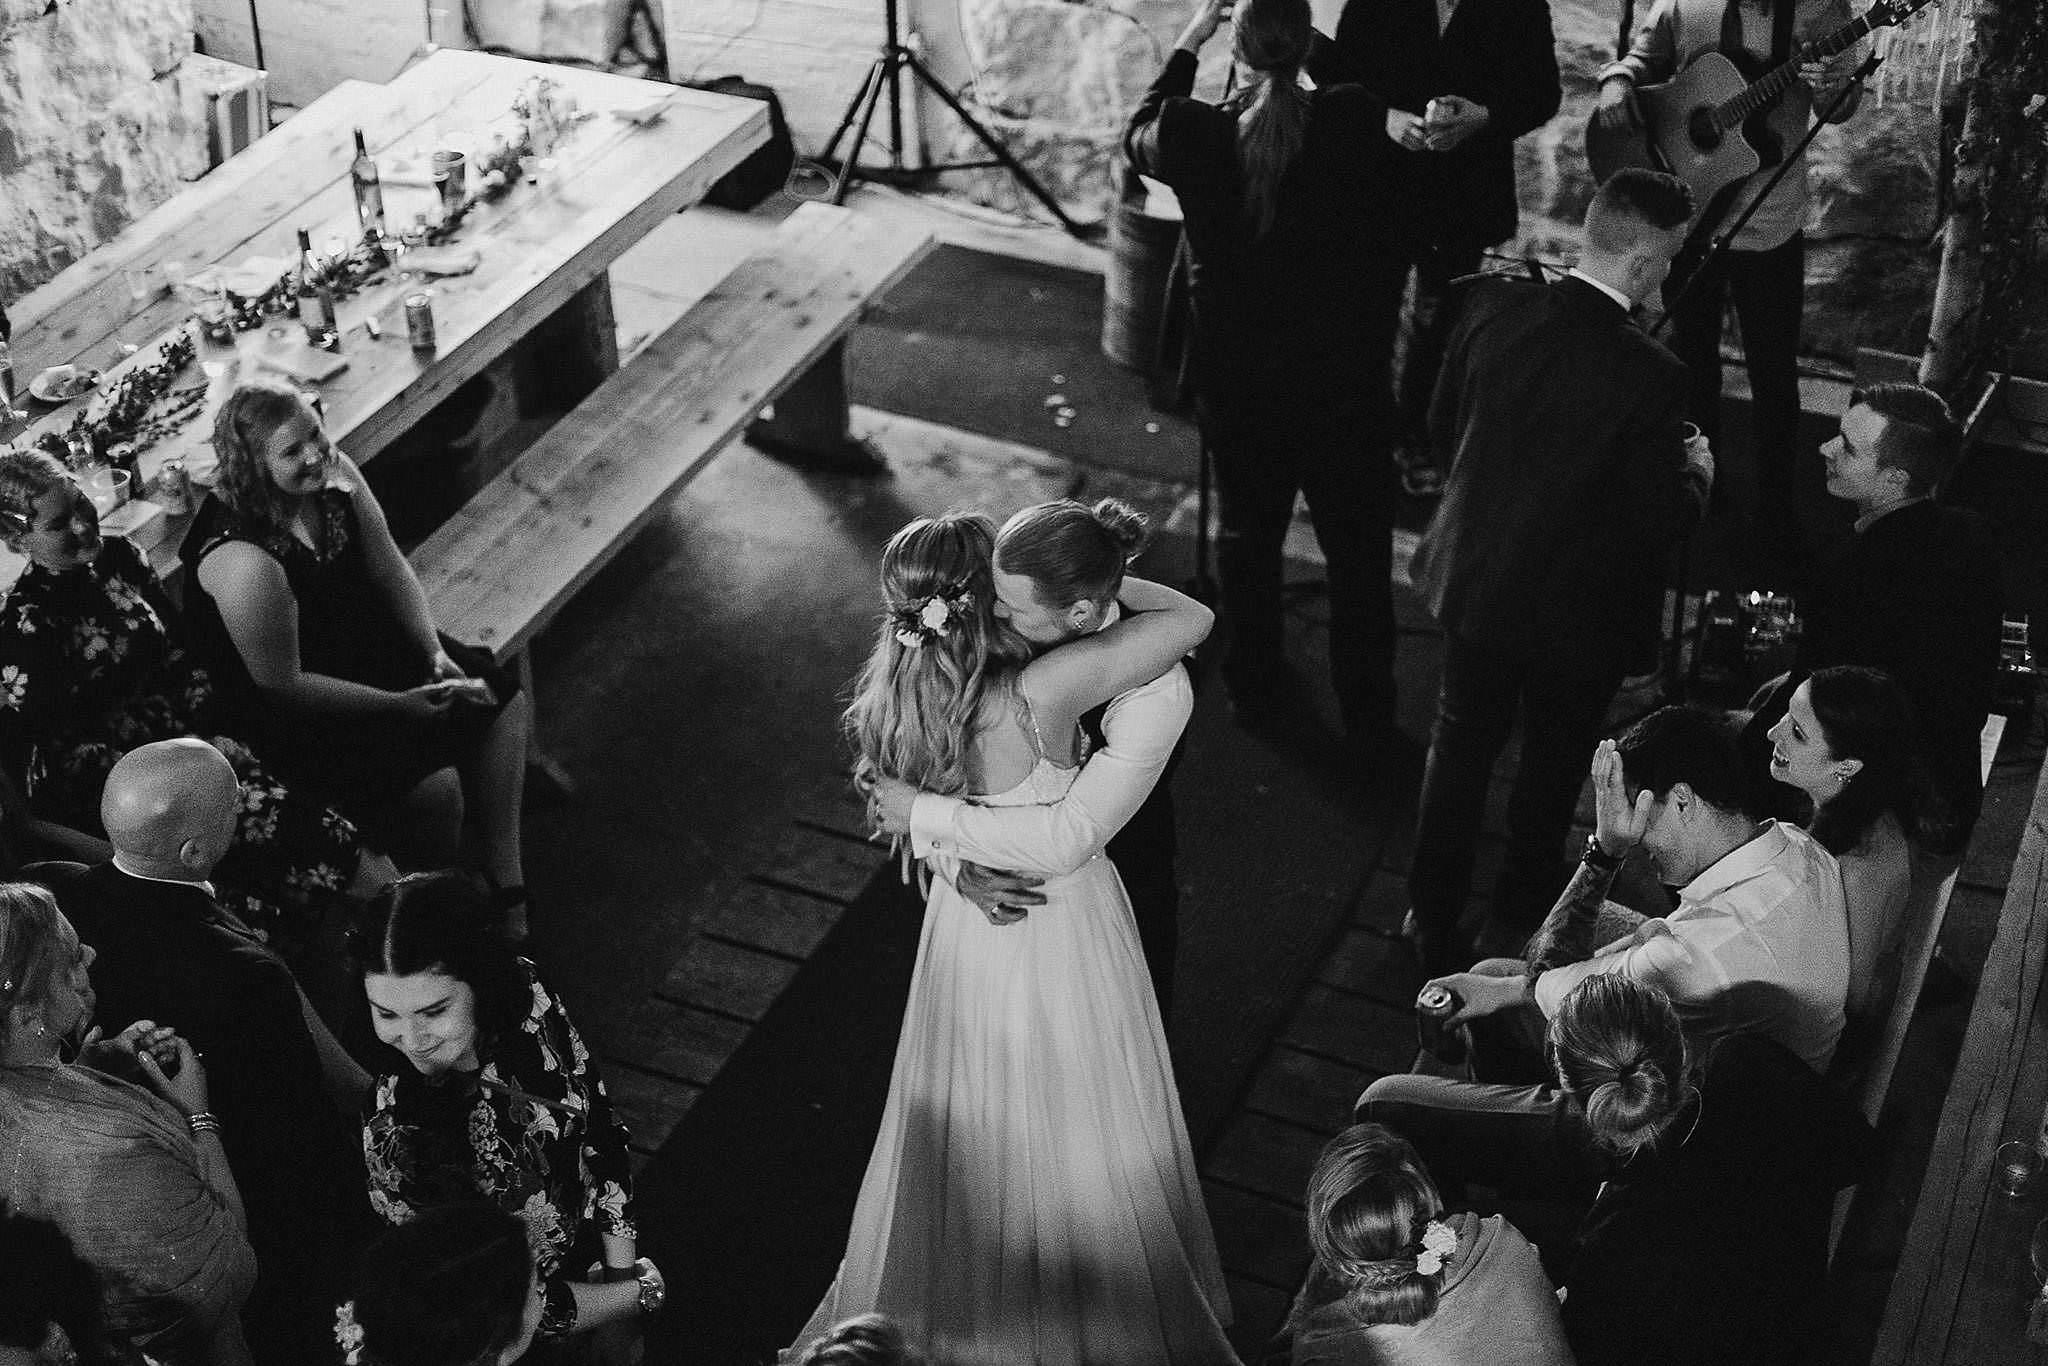 Haakuvaus_wedding_jyvaskyla_muurame_tuomiston_tila_0191.jpg